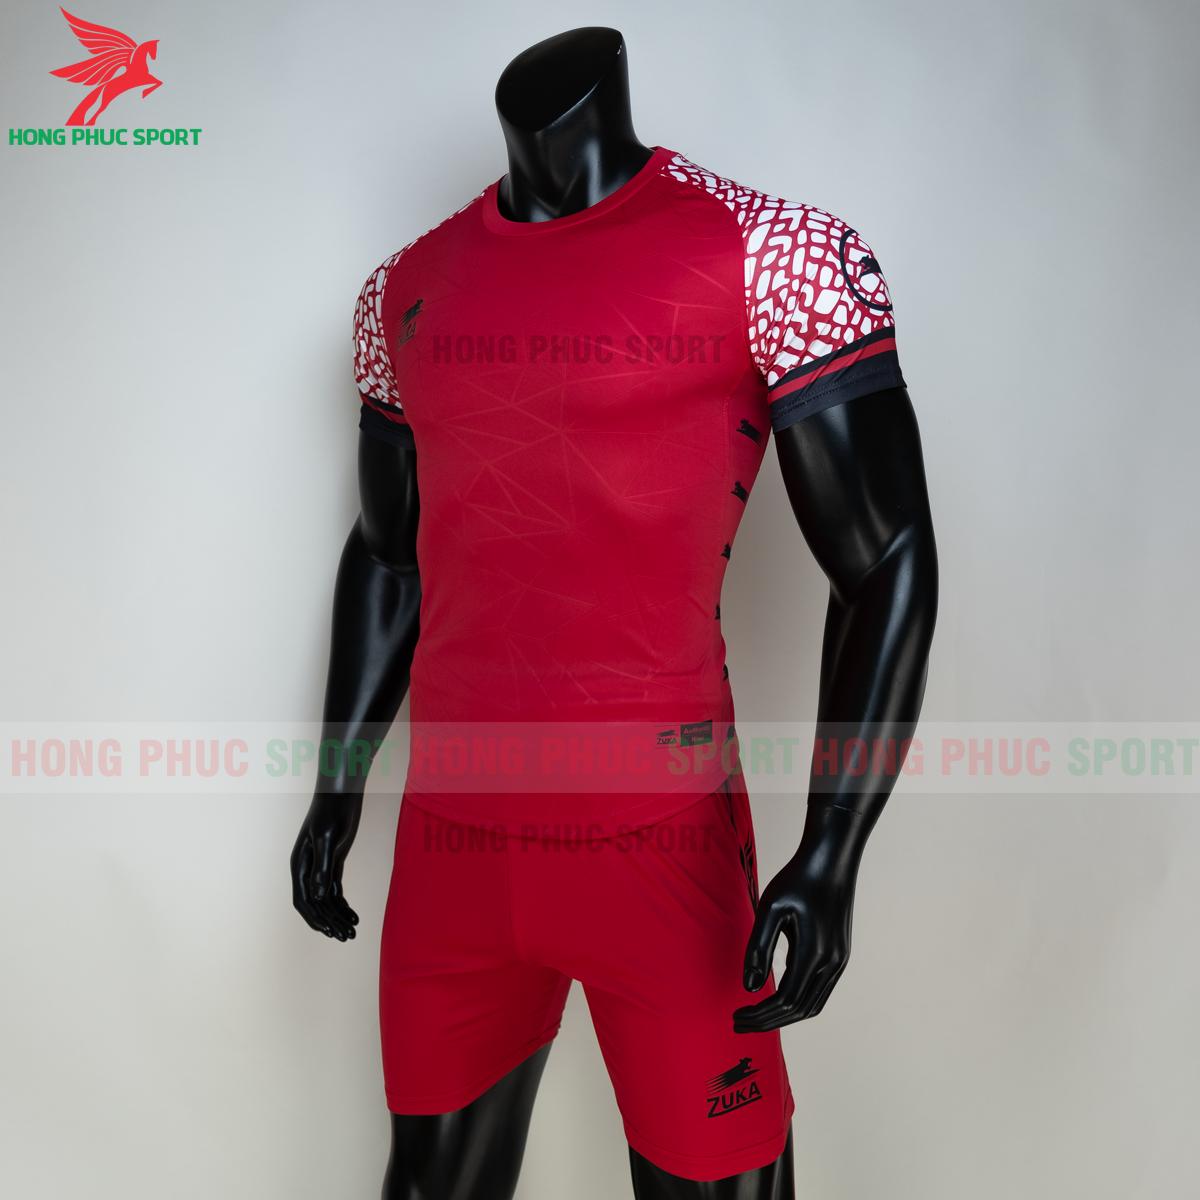 Áo đá banh không logo ZUKA 02 2021 màu Đỏ (trái)